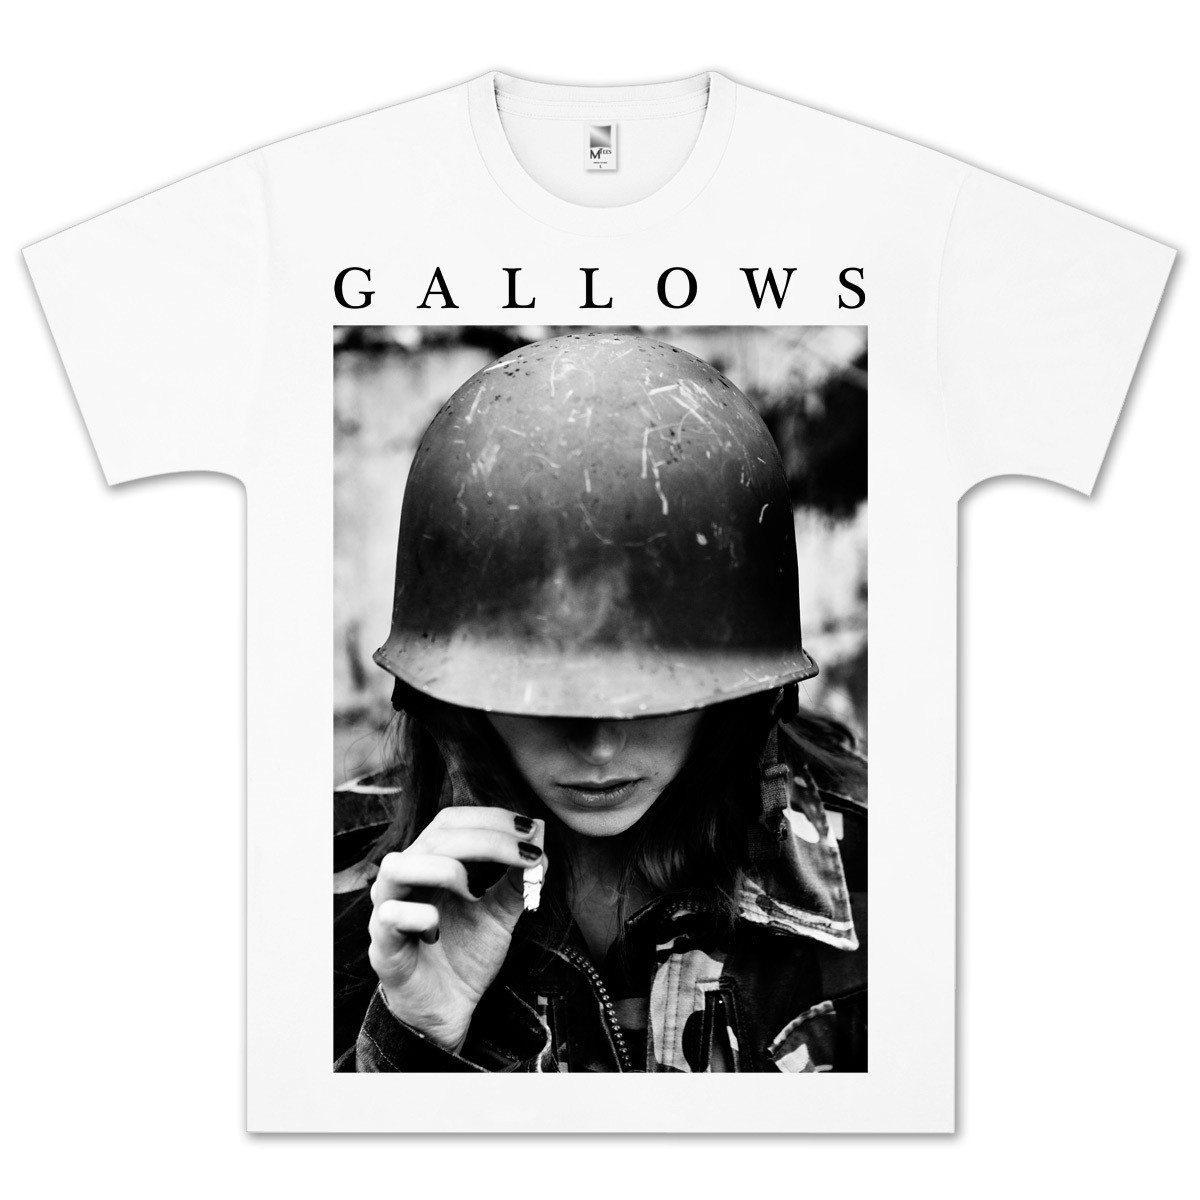 Gallows-Death-Is-Birth-T-shirt-Venn-Records